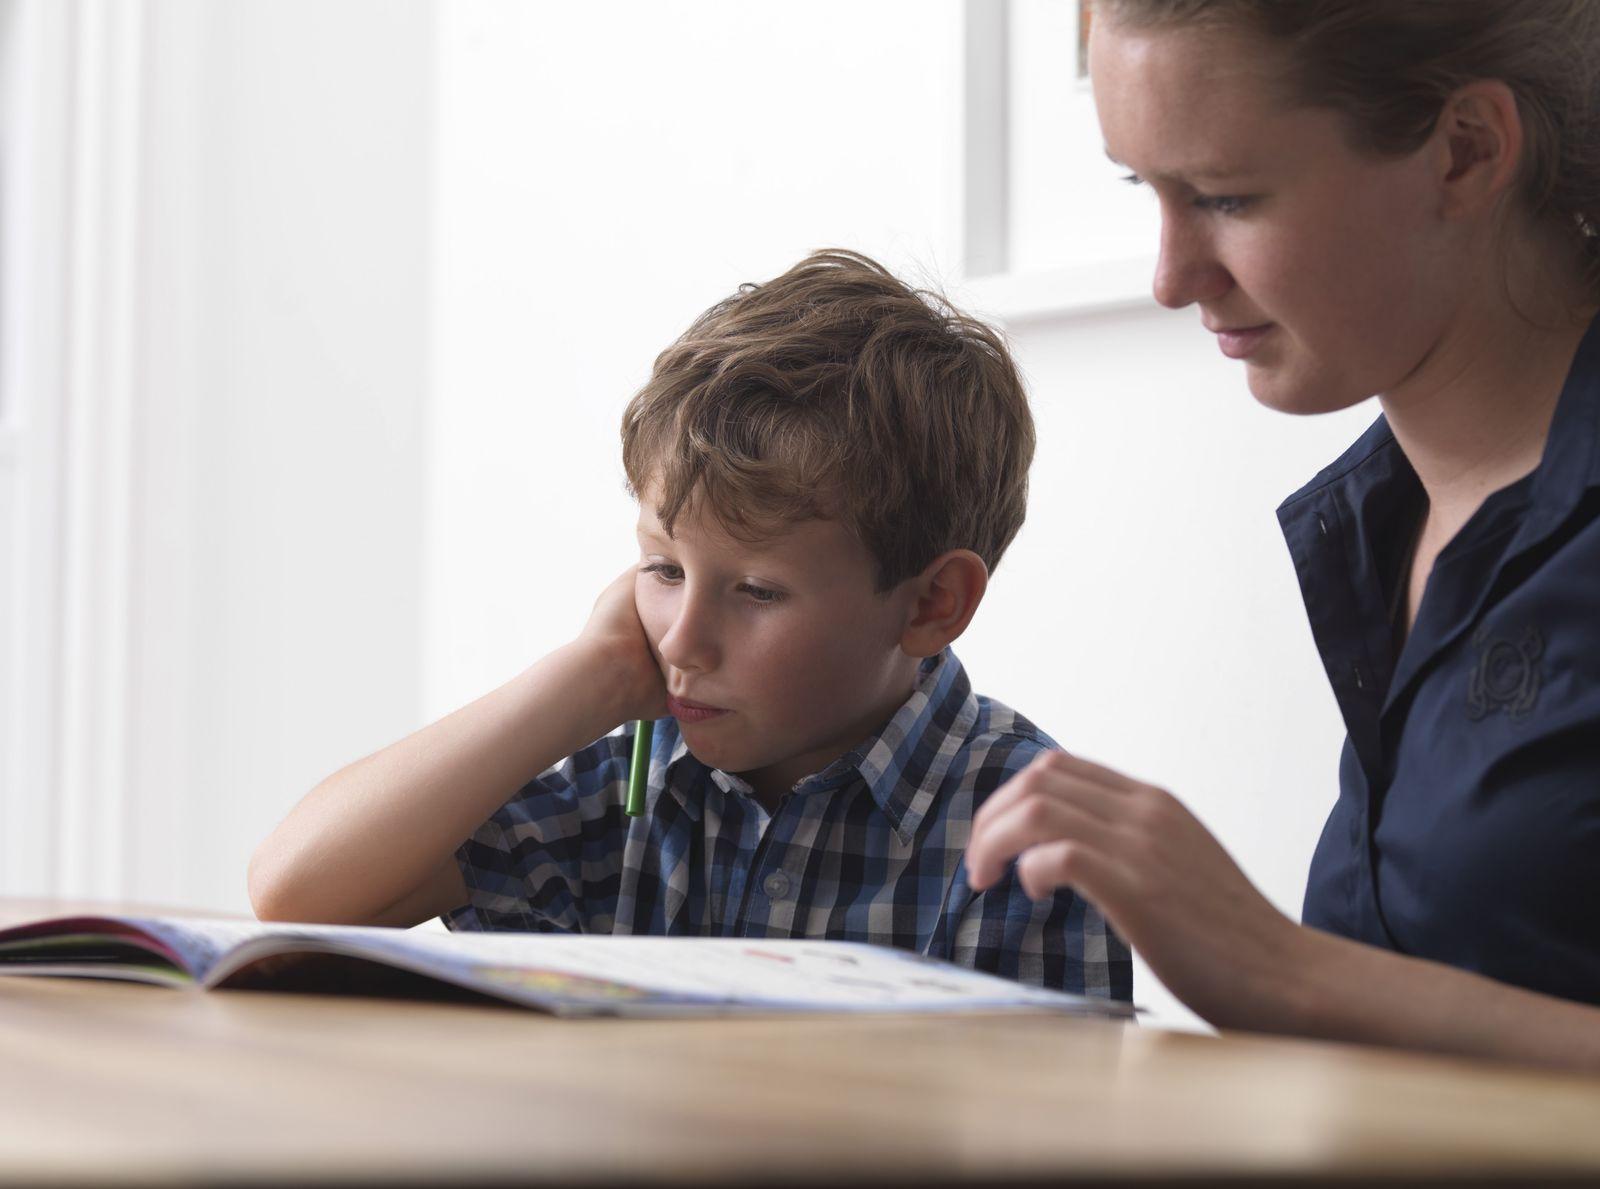 NICHT MEHR VERWENDEN! - Legasthenie / Lernschwäche / Hausaufgaben / Nachhilfe